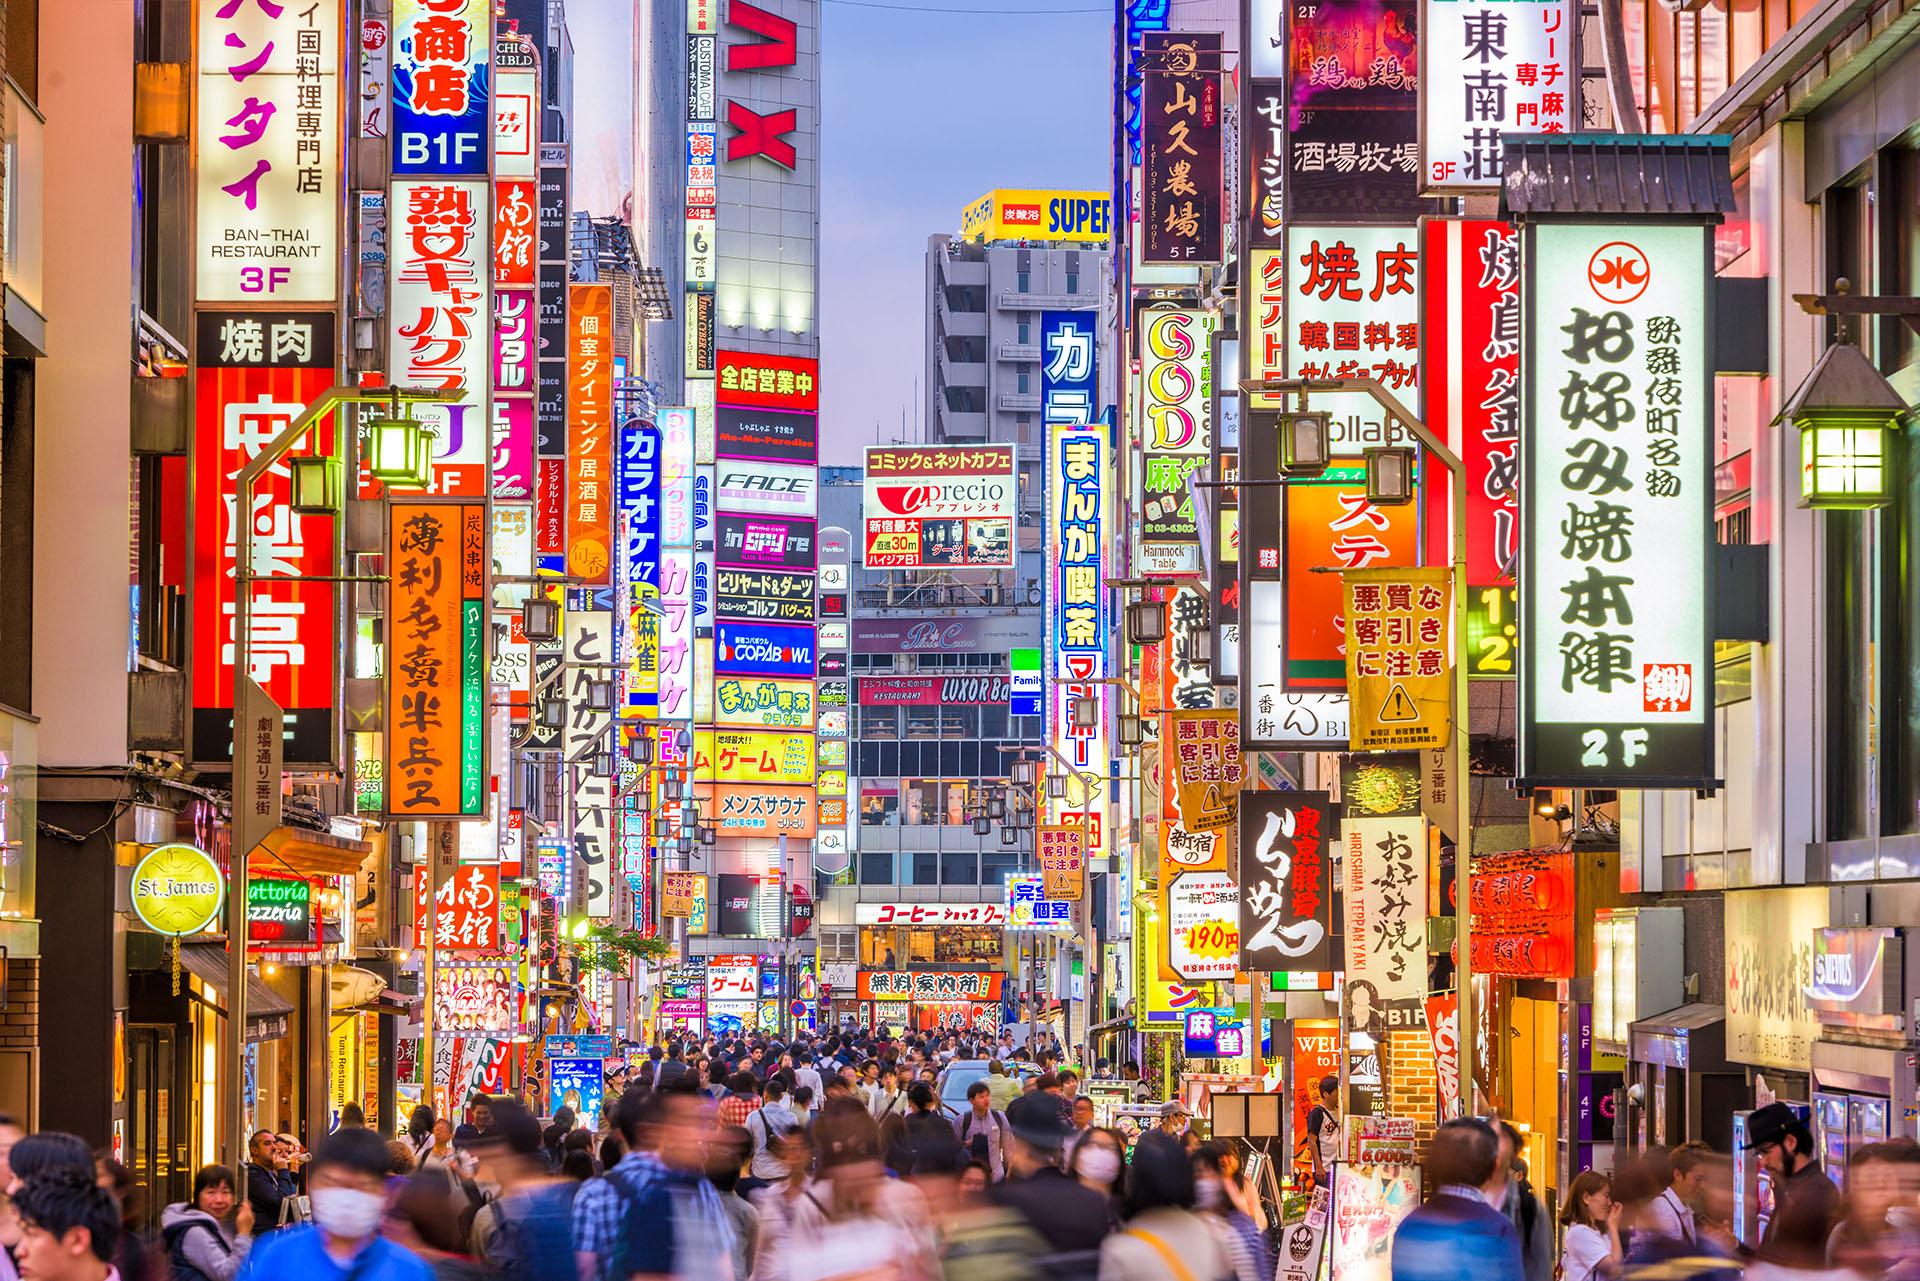 La capital japonesa es conocida mundialmente por la cantidad de visitas que recibe todos los días por parte de aquellos que buscan conocer la cultura y experimentar los secretos y el estilo de vida de esta ciudad vibrante (Shutterstock)